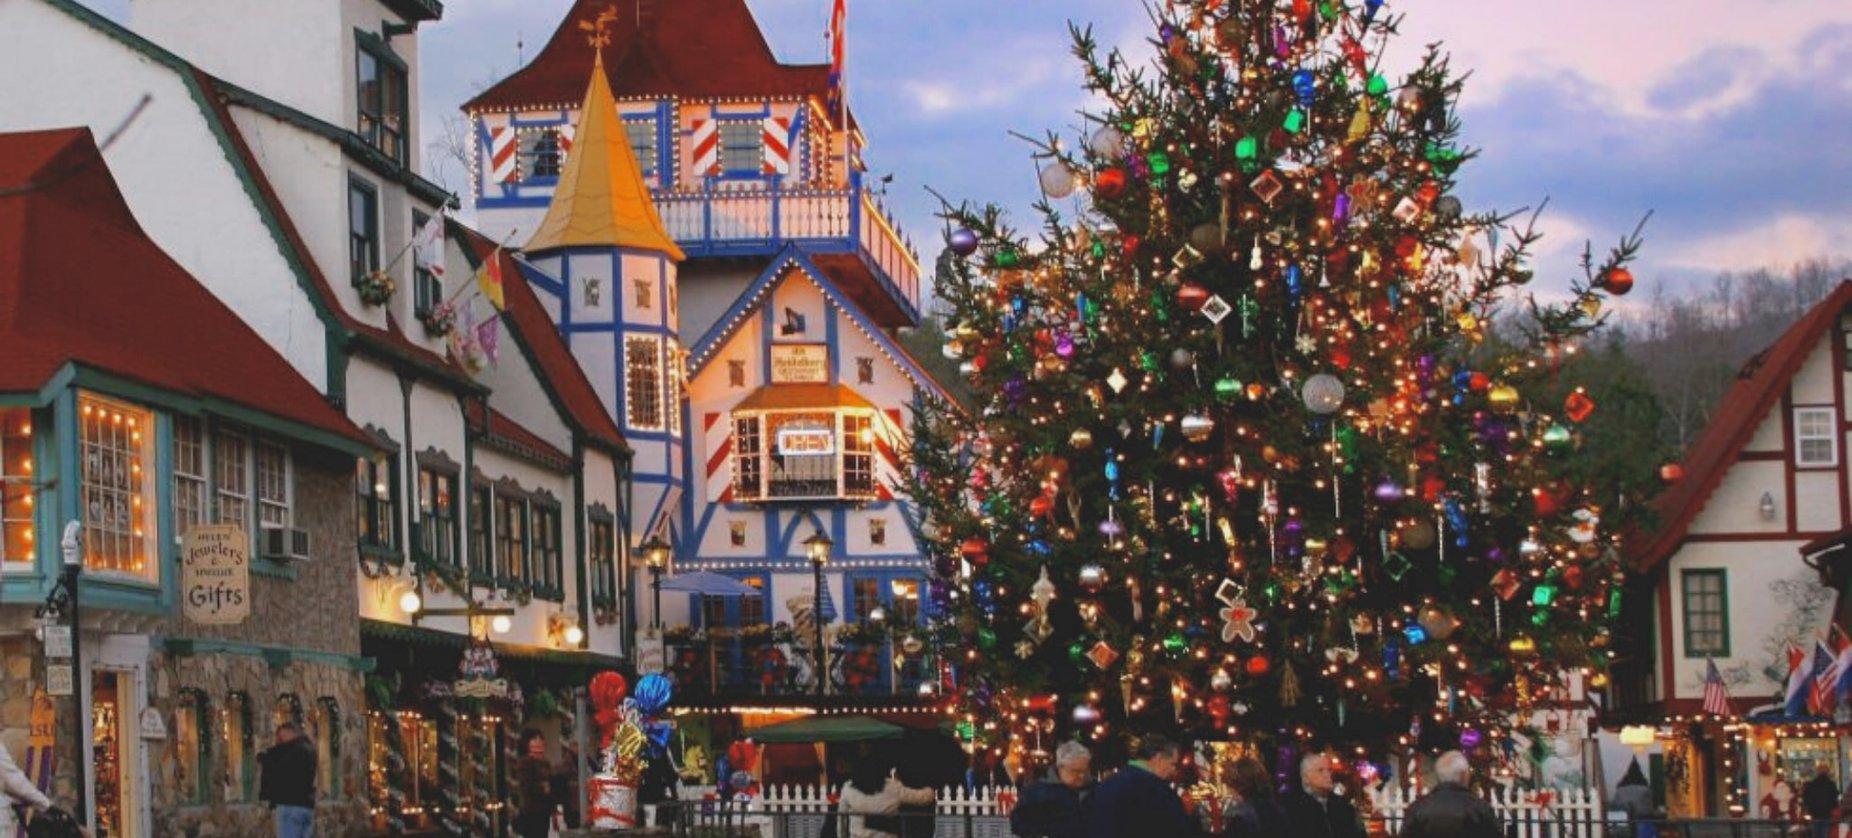 1920-Christmas-banner-home-2019